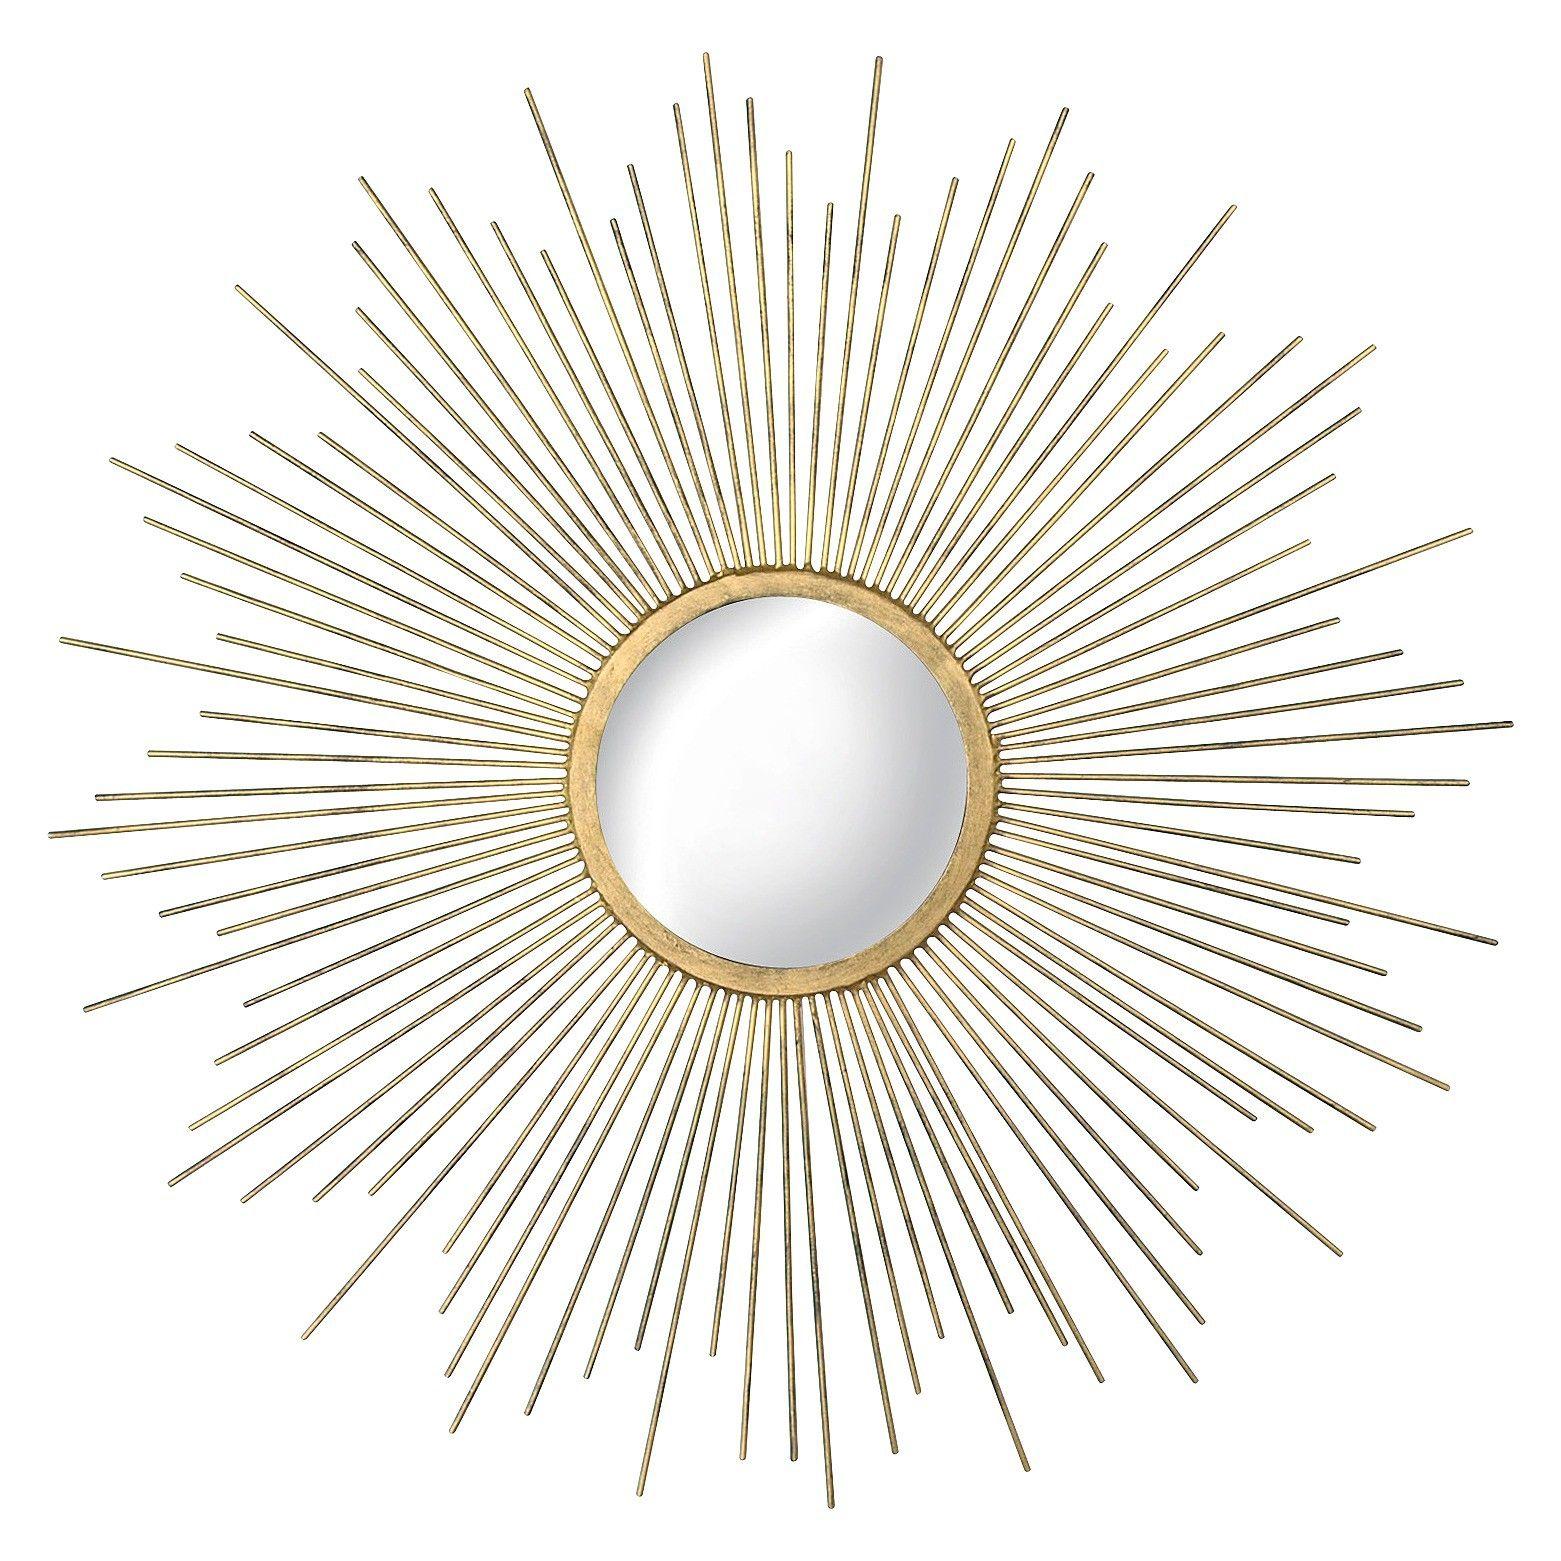 Wire capiz sunburst wall mirror - Metal Sunburst Mirror Aged Gold Target